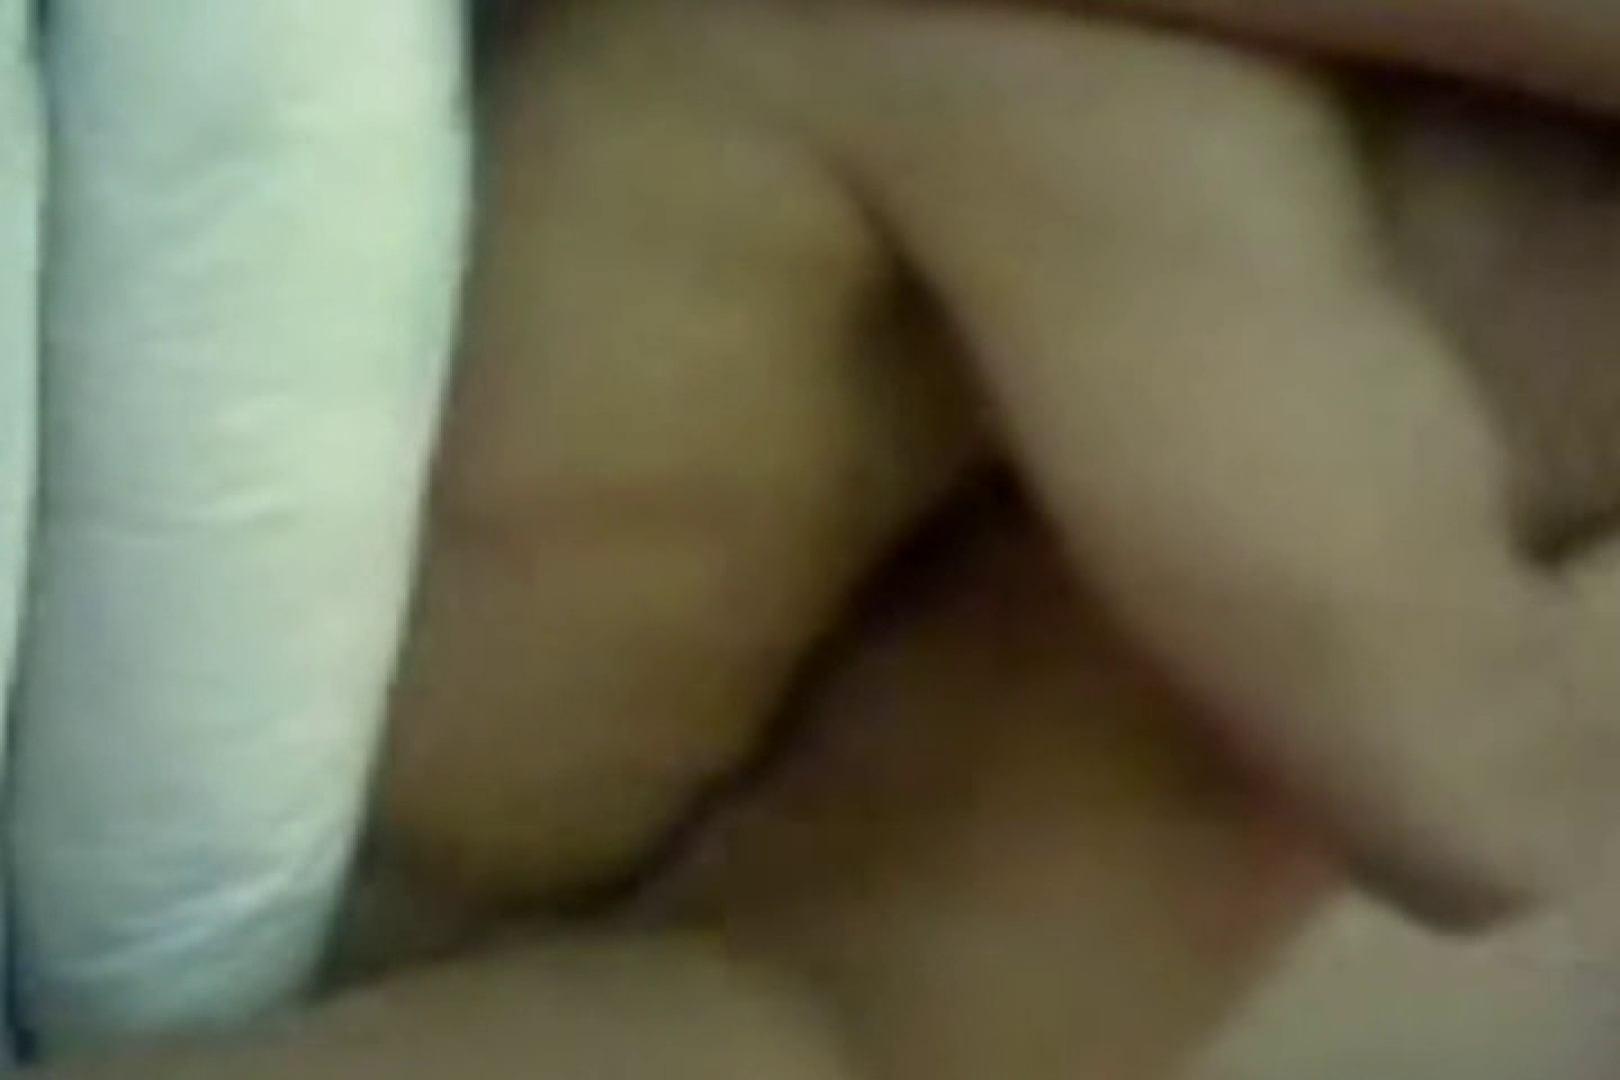 コリアン素人流出シリーズ 美人で巨乳の彼女とハメ撮り 巨乳 AV動画キャプチャ 108画像 51